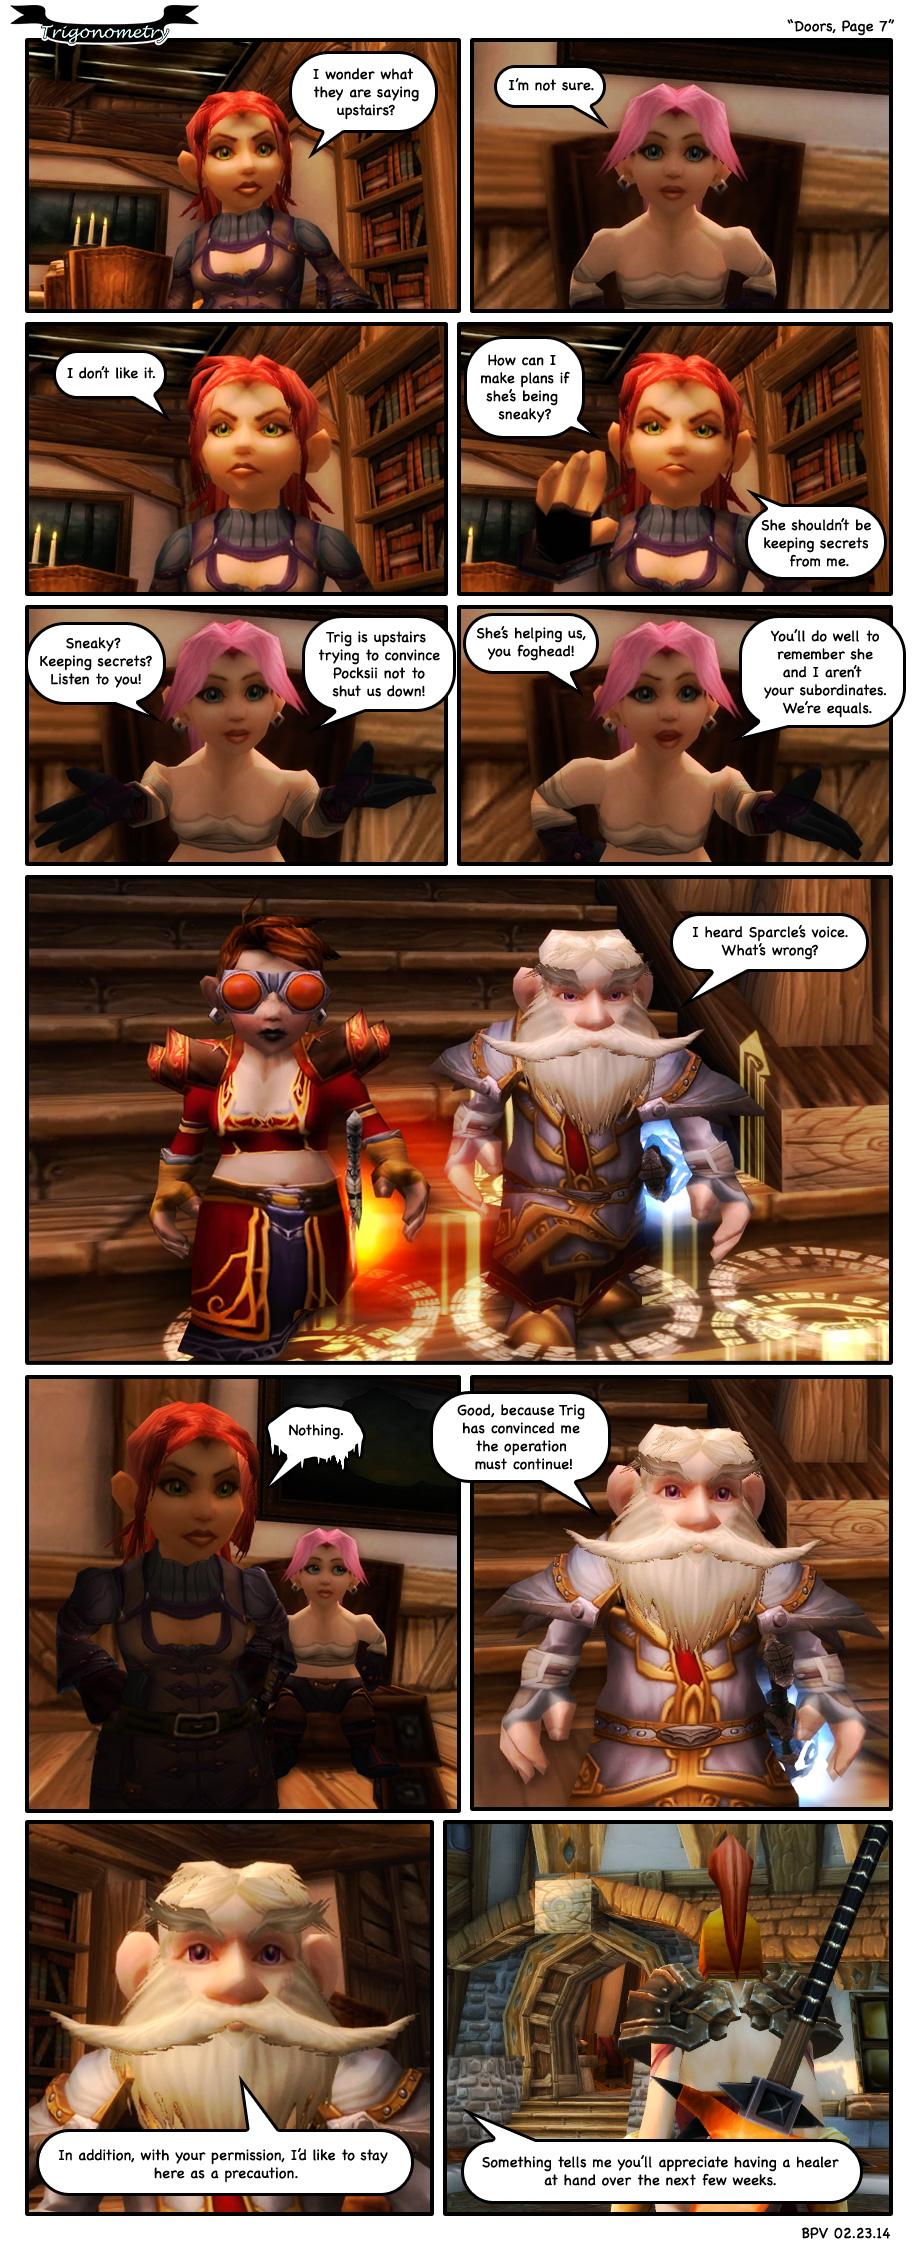 Doors, Page 7